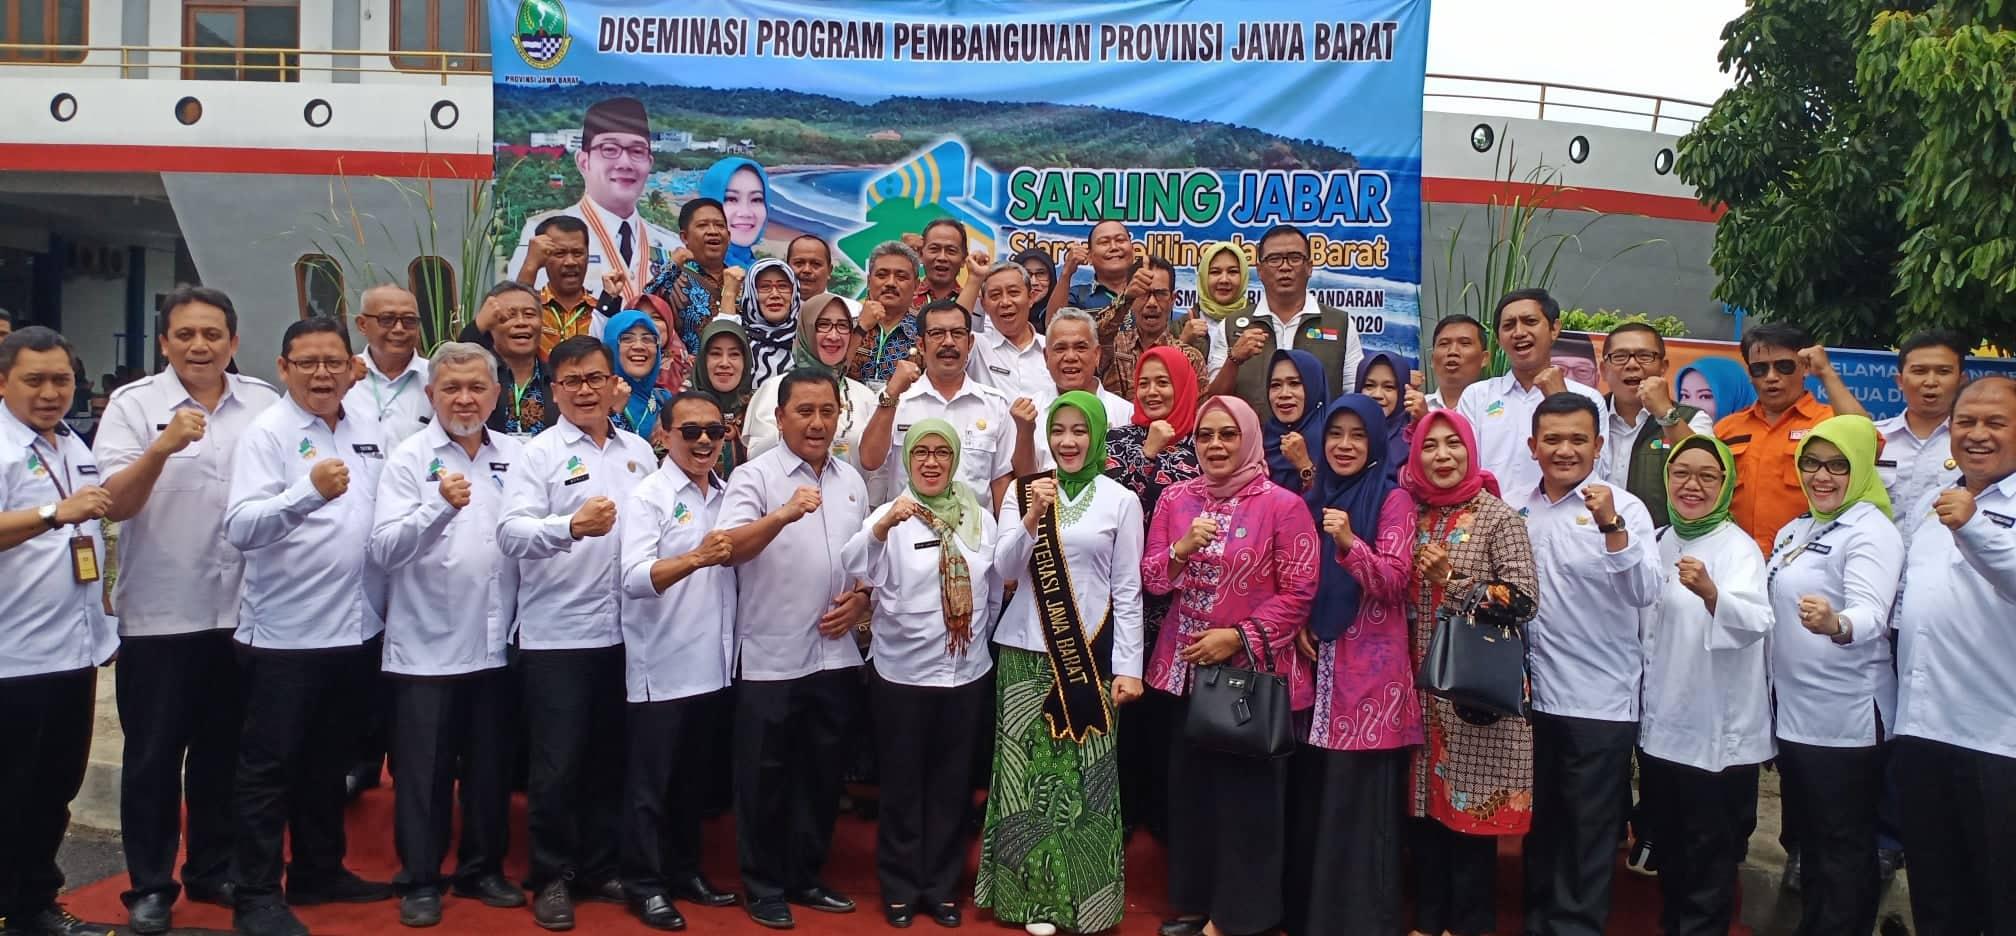 Bunda Literasi Jawa Barat, Atalia Praratya Sapa Siswa-Siswi SMKN 1 Pangandaran